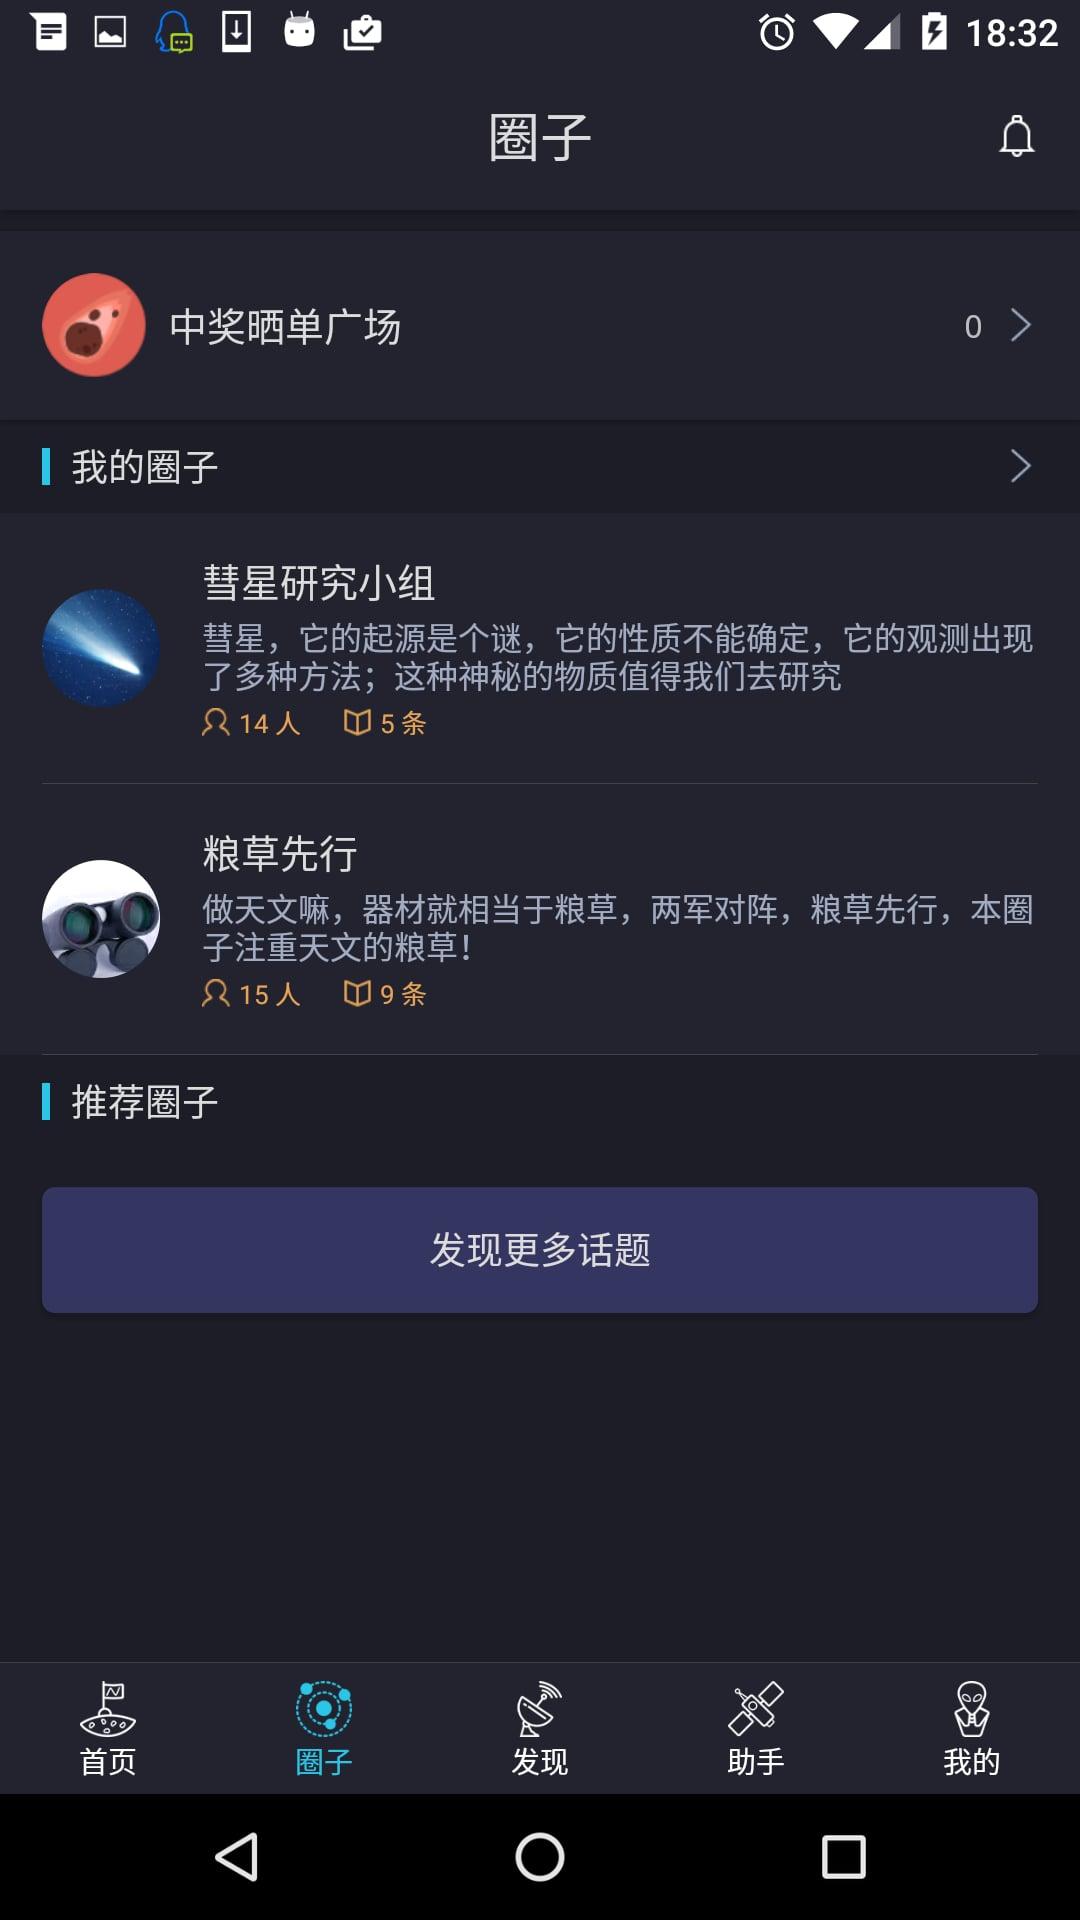 双子天文手机版 V1.0.11 安卓版截图1